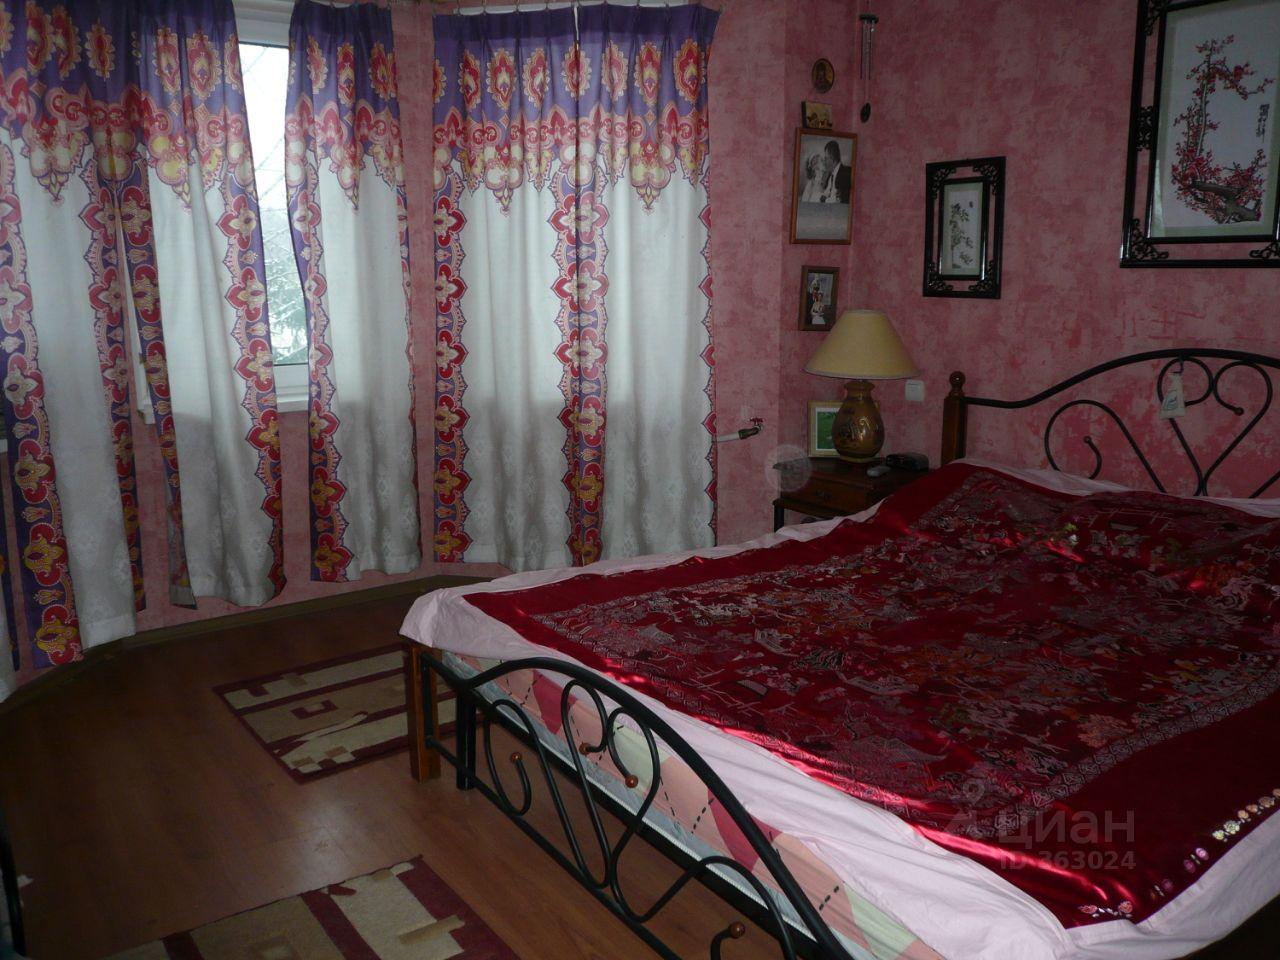 продаю дом Мытищи городской округ, деревня Еремино, улица Одоминовская